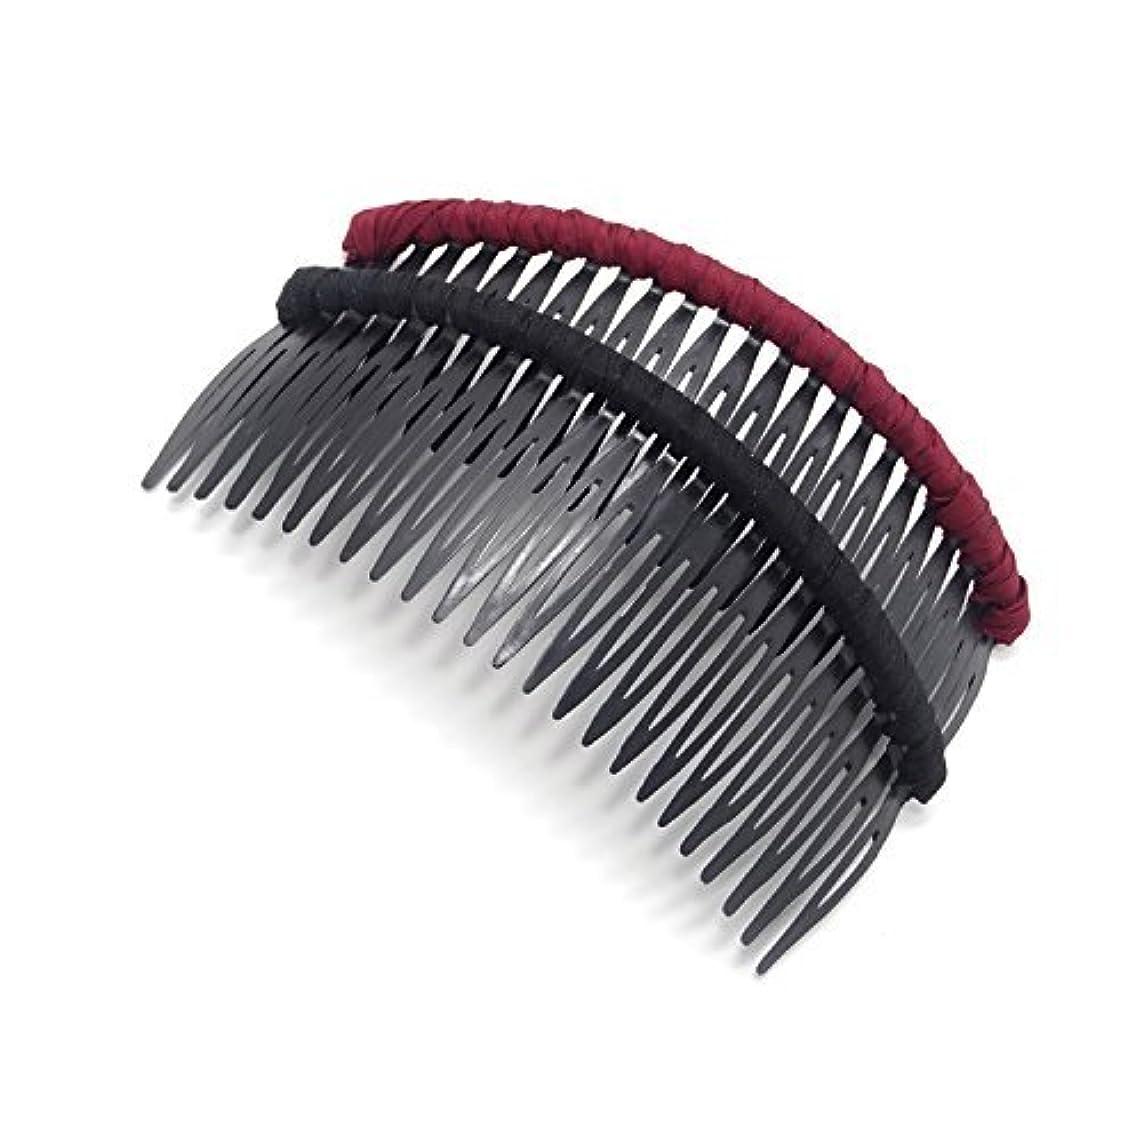 寝室を掃除するいたずらアカデミックHonbay 2 PCS Different Color 24 Teeth Plastic Hair Comb Tuck Comb Hair Clip Hair Accessory for Women and Girls...